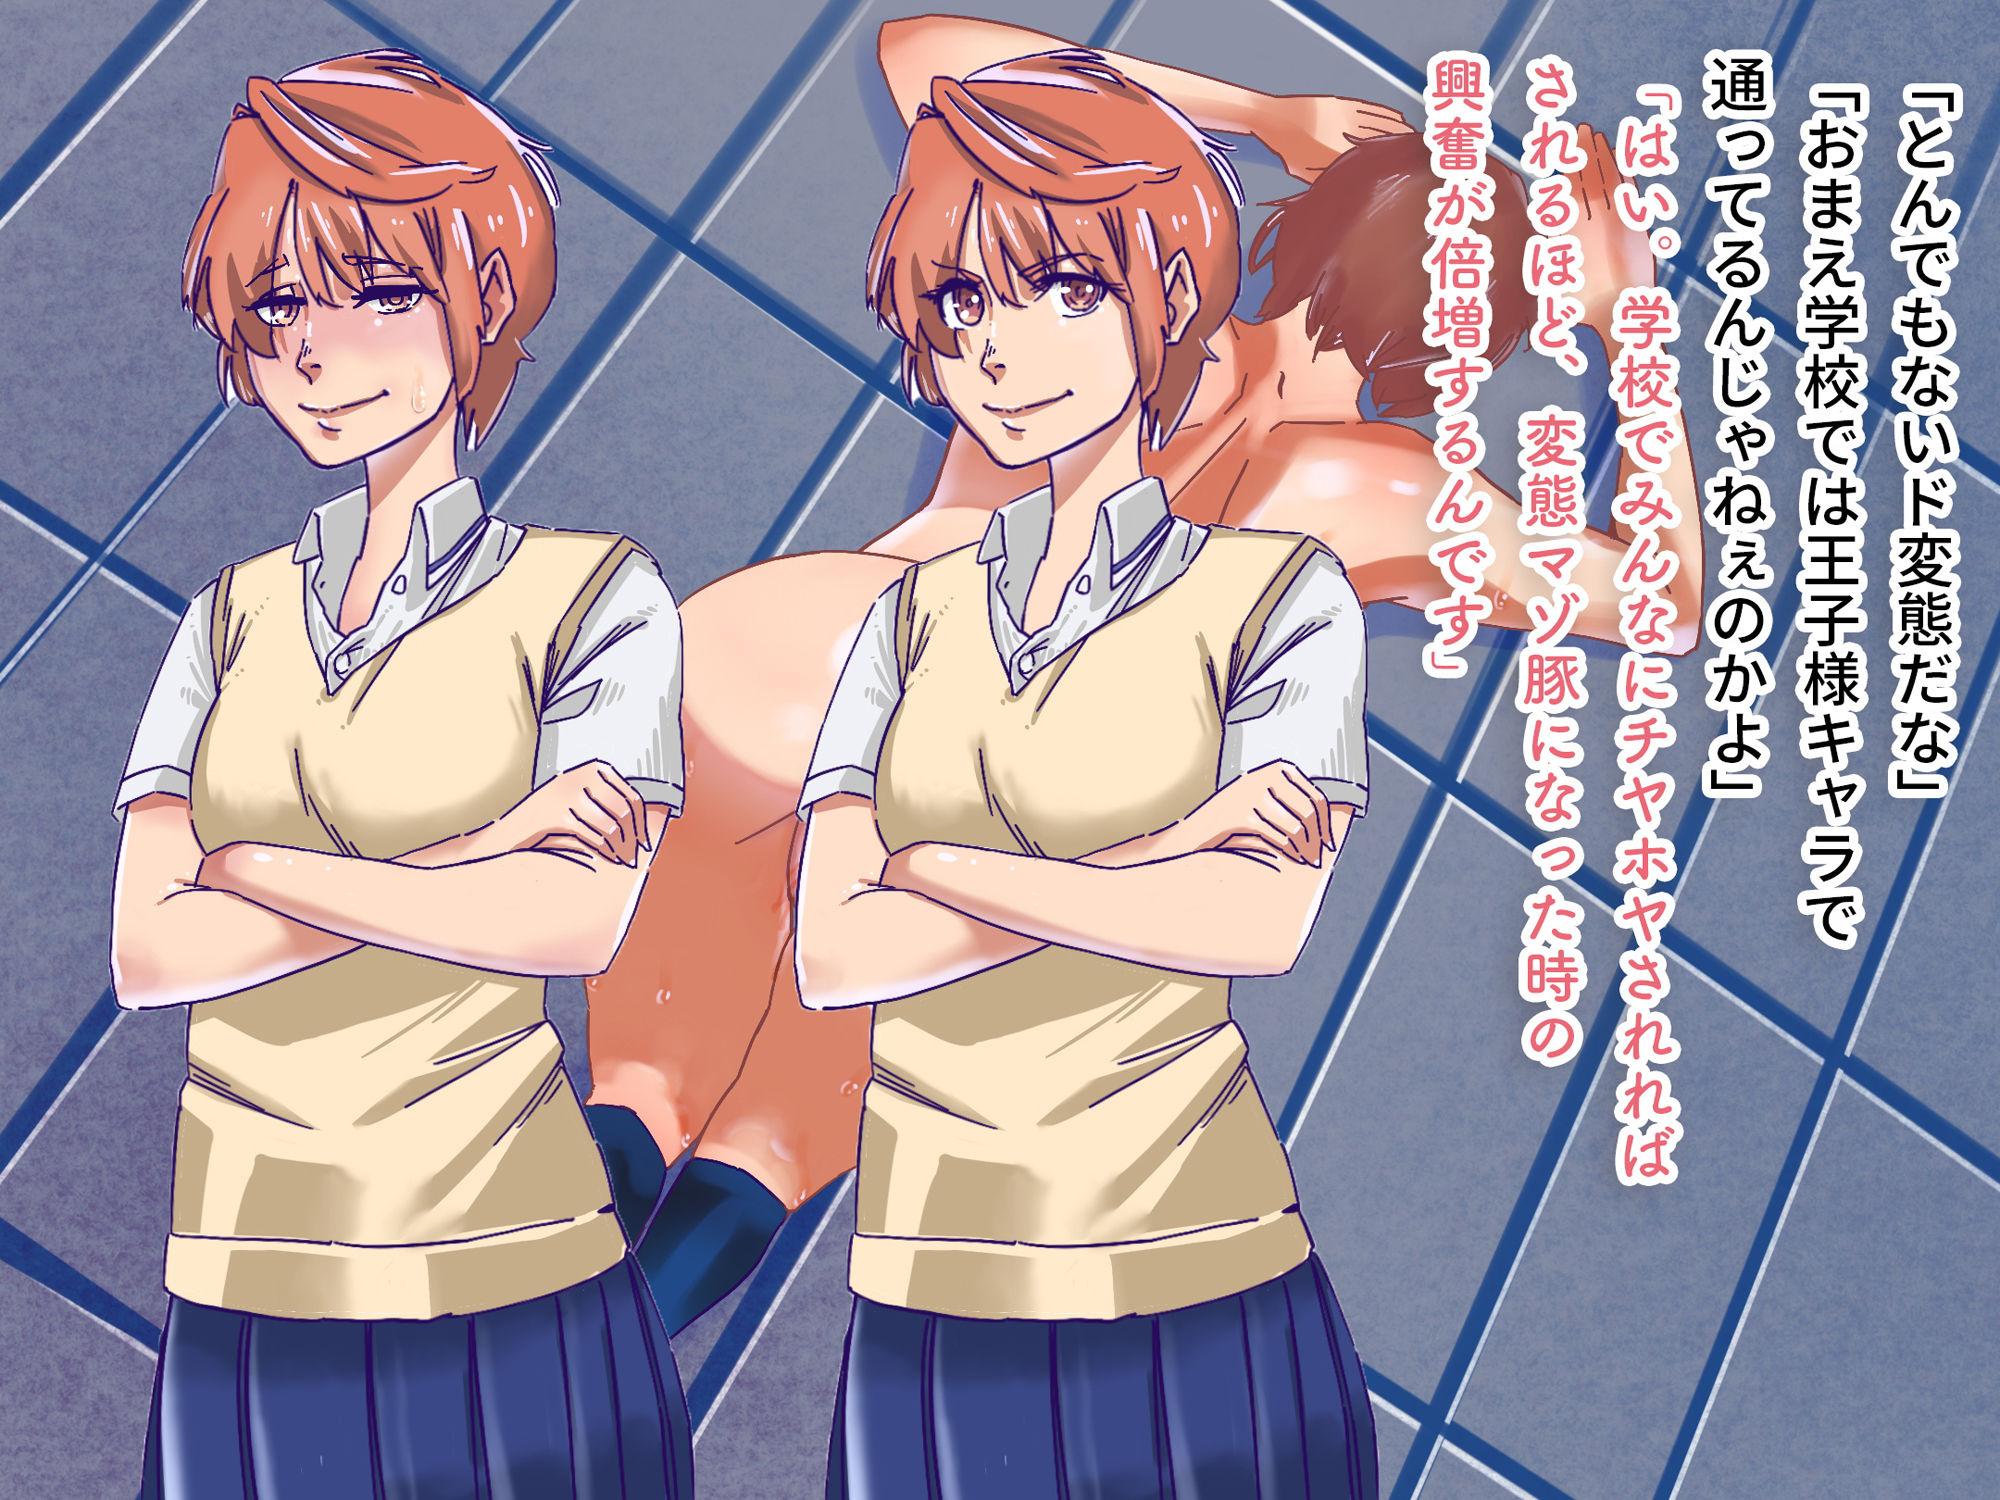 サンプル画像4:女子陸上部主将はド変態マゾメス犬に調教されました!!(ADACHIK) [d_199093]